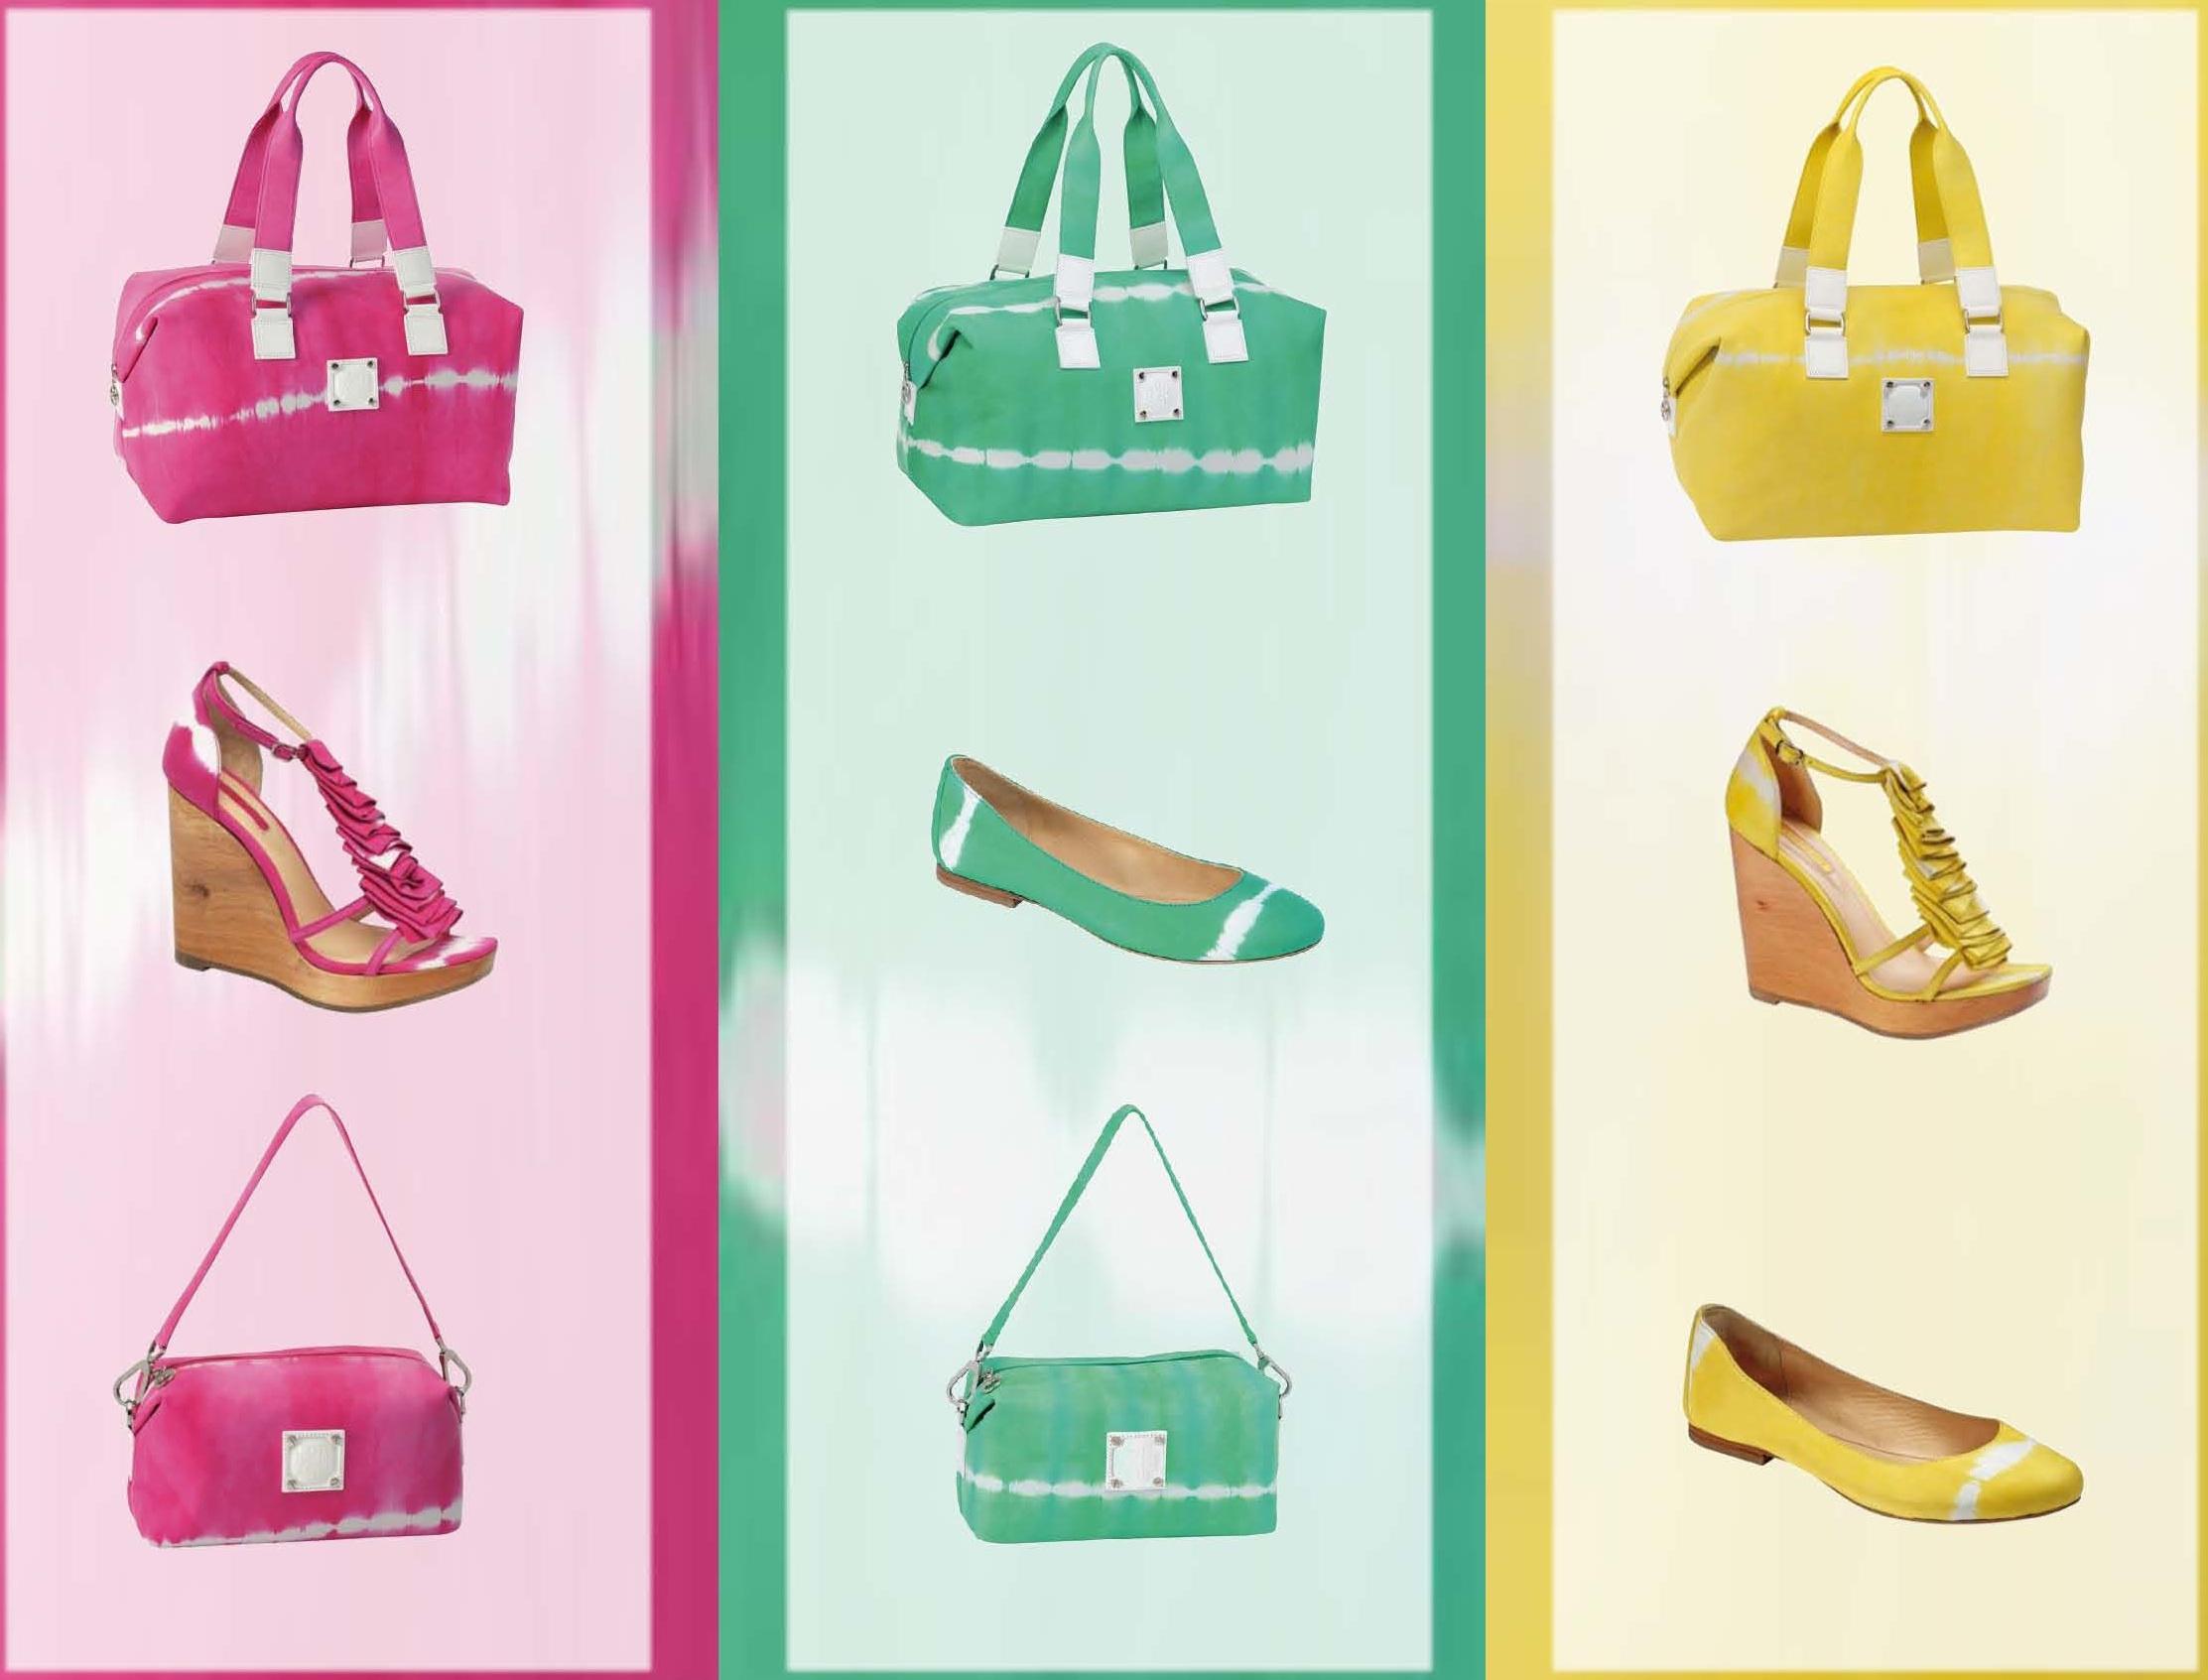 Longchamp, bolsos y zapatos para mujer, accesorios de moda para mujer llenos de color de Longchamp